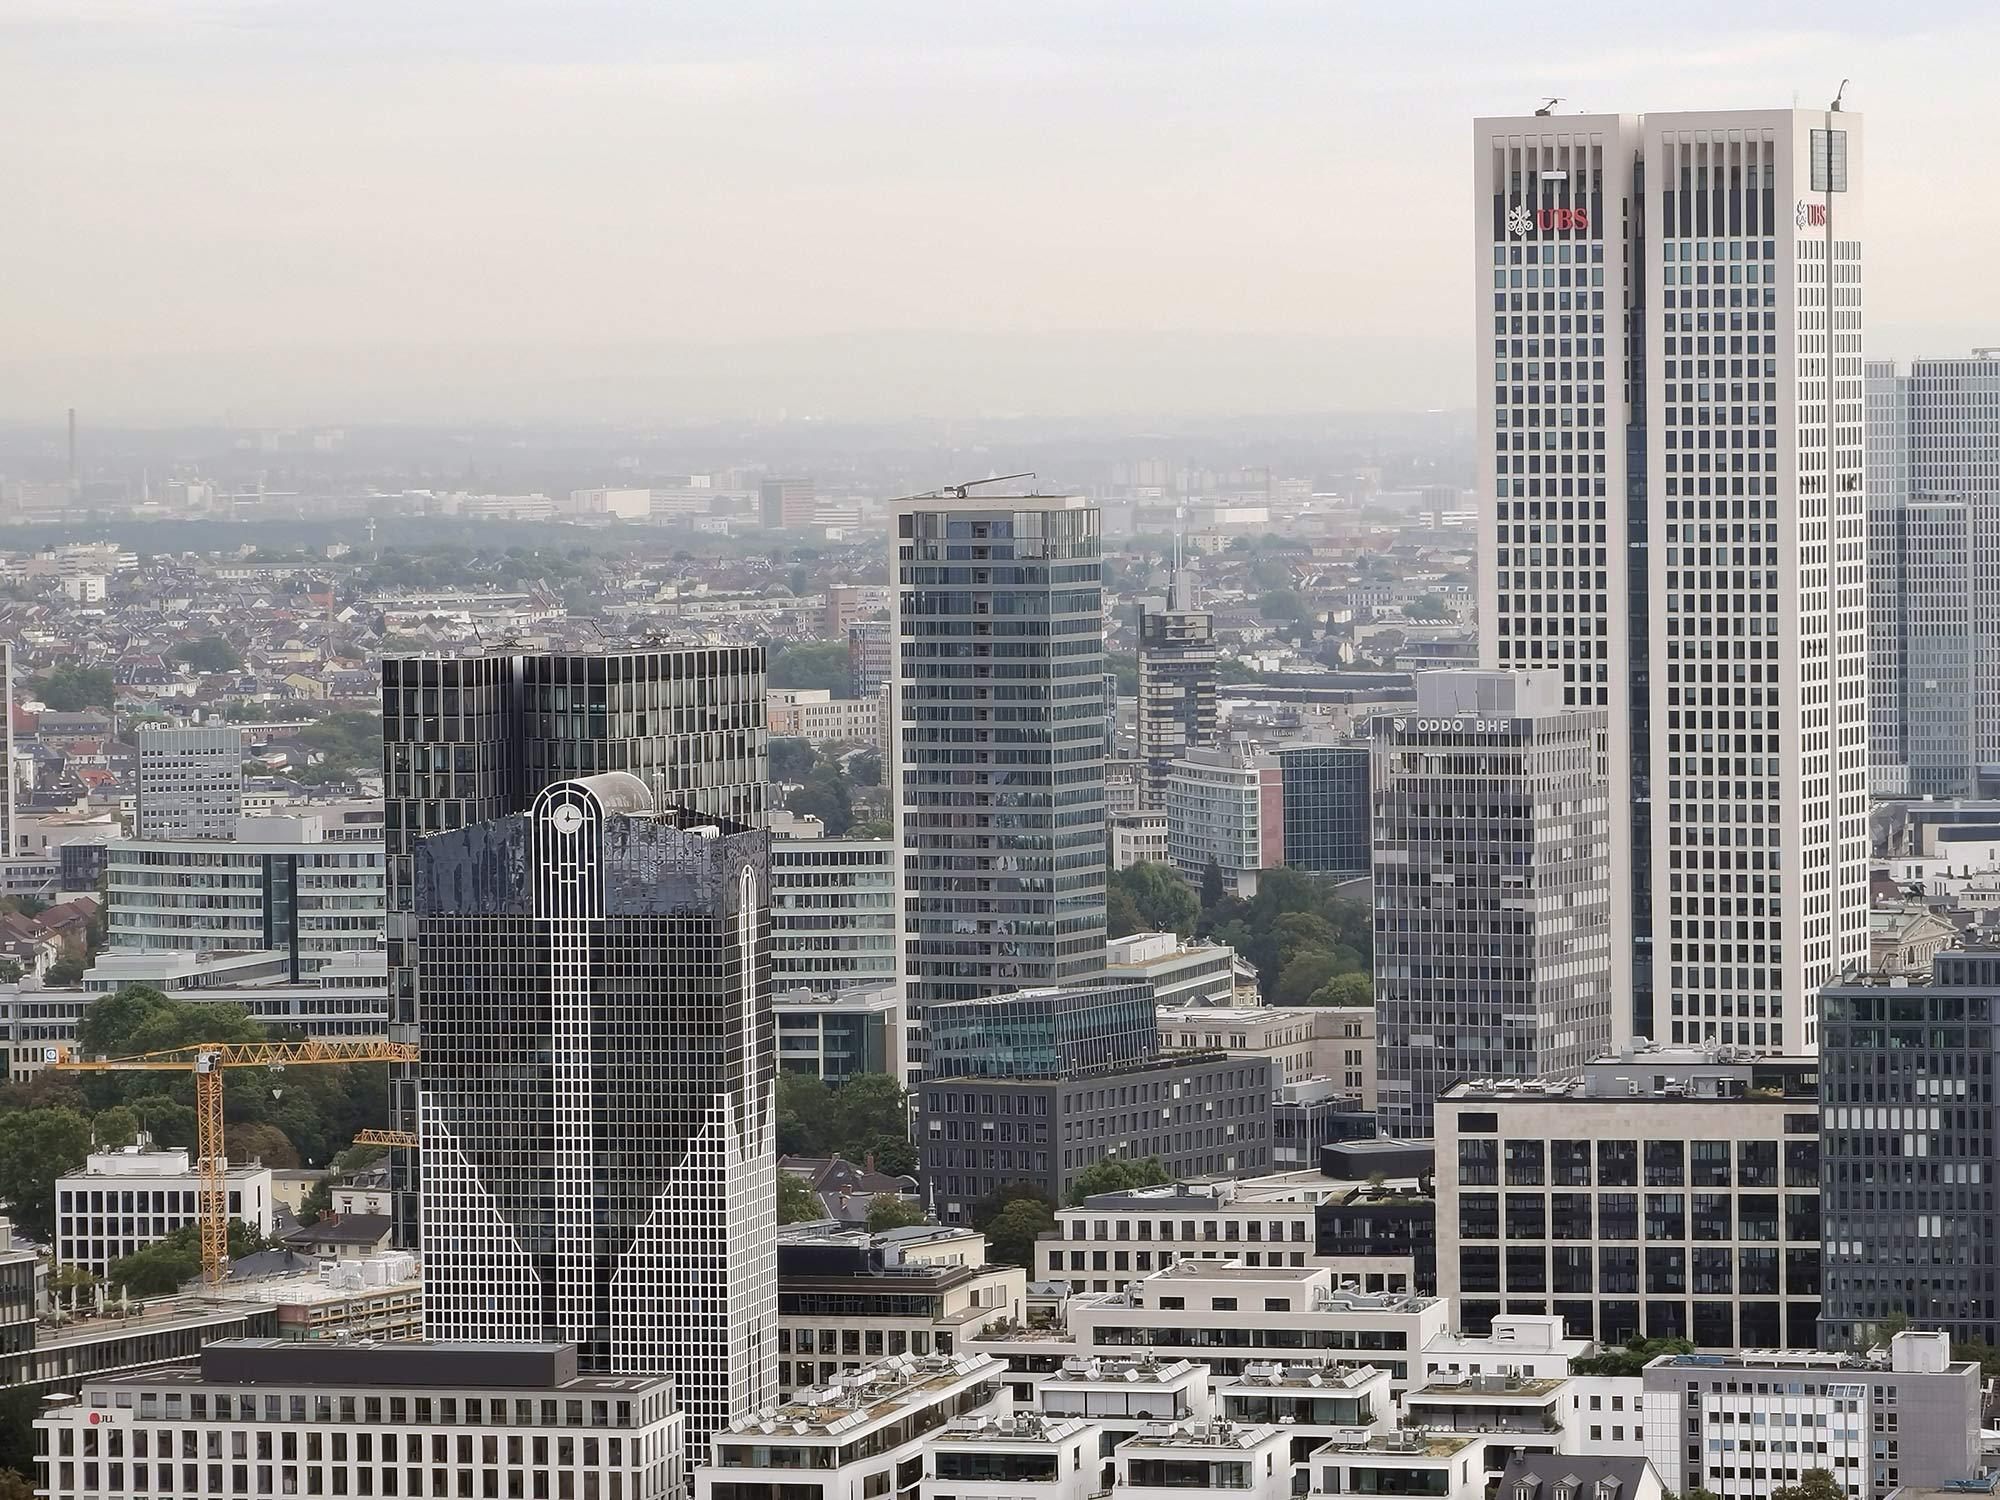 Park Tower in Frankfurt am Main - Hochhaus am Rothschildpark - Büroturm am Reuterweg Westedn - Moderner Wolkenkratzer